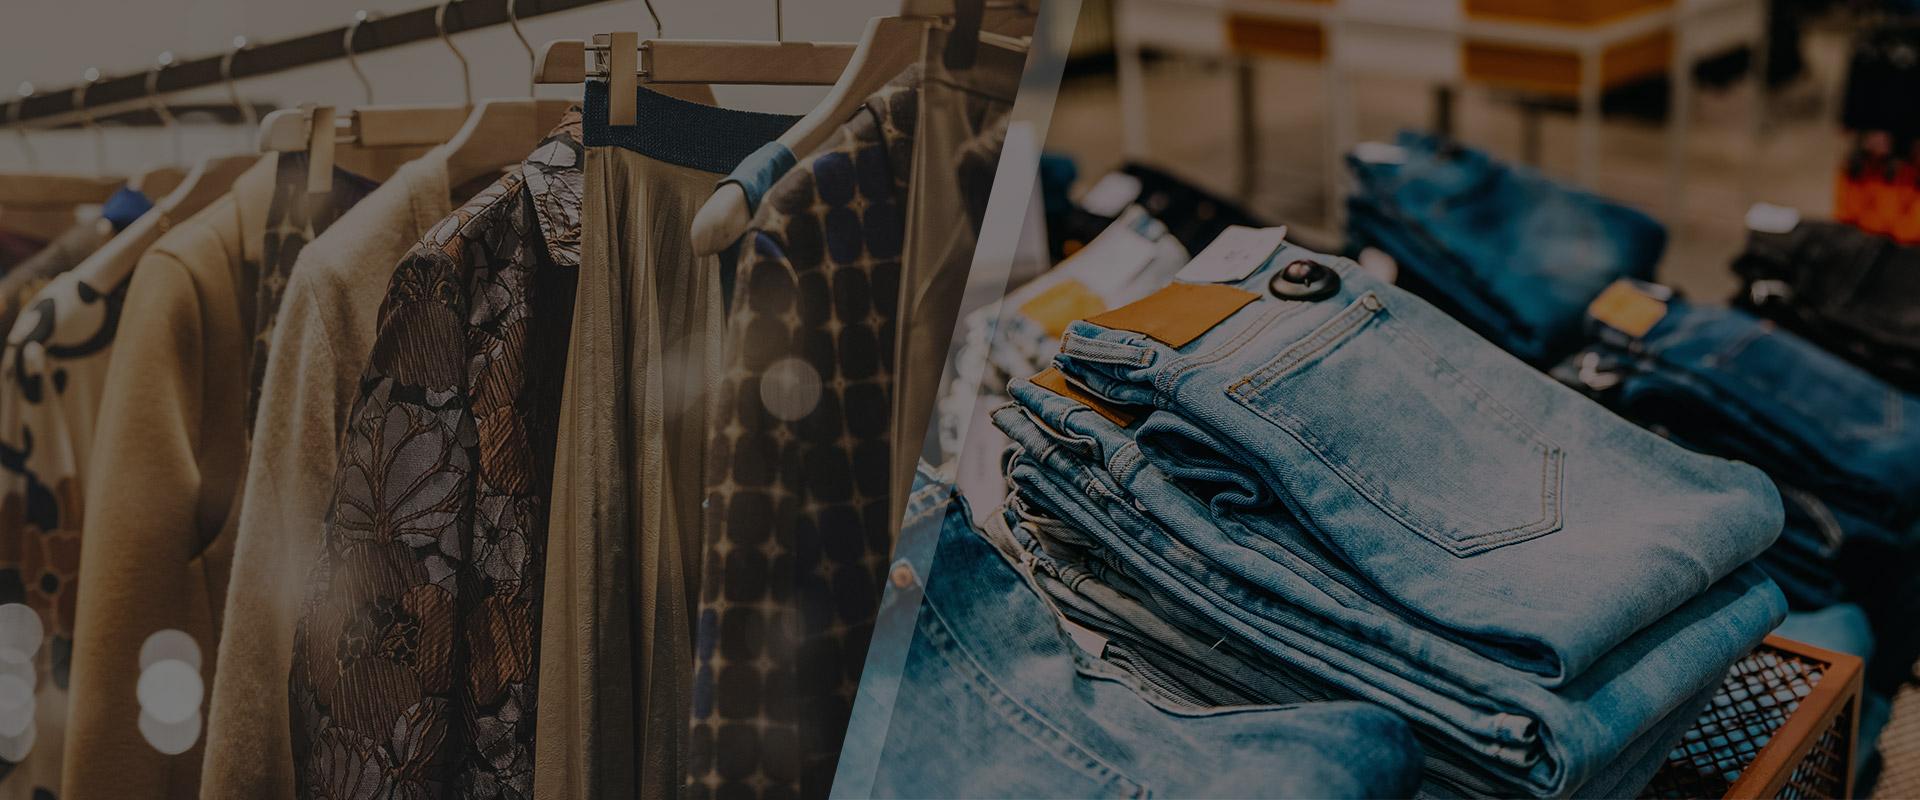 stock ingrosso abbigliamento